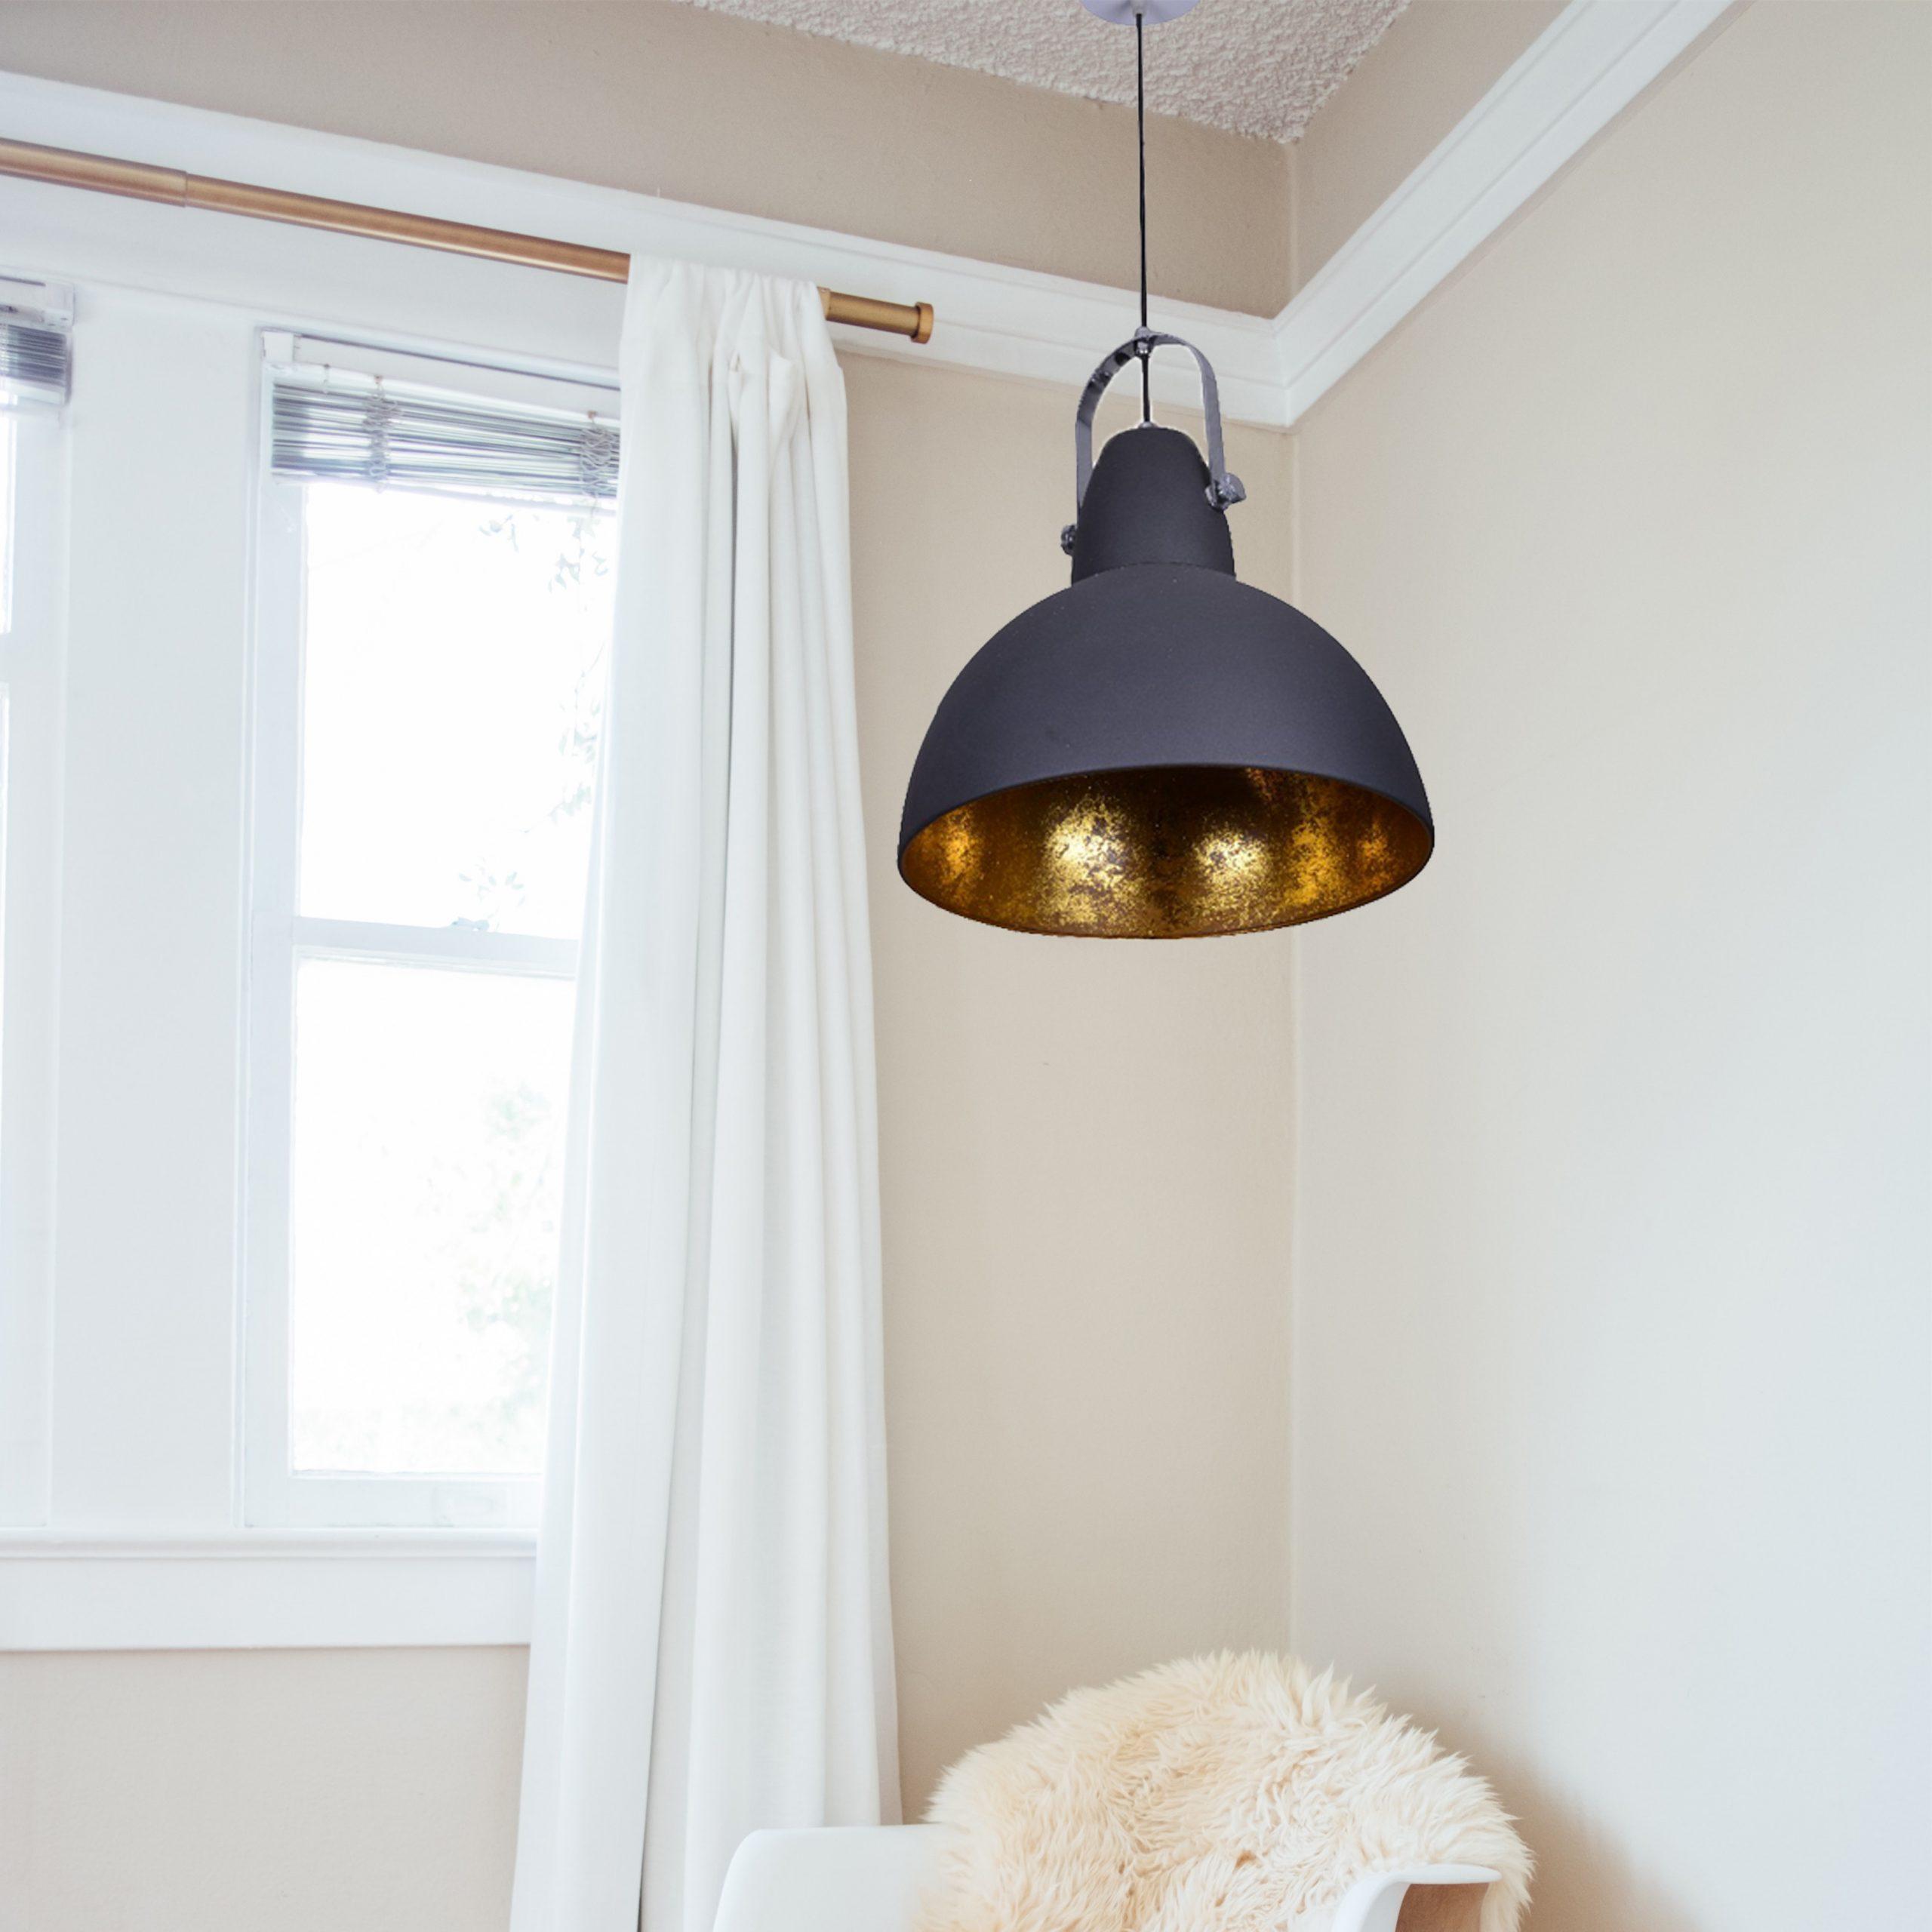 Vintage industrial pendant lamp